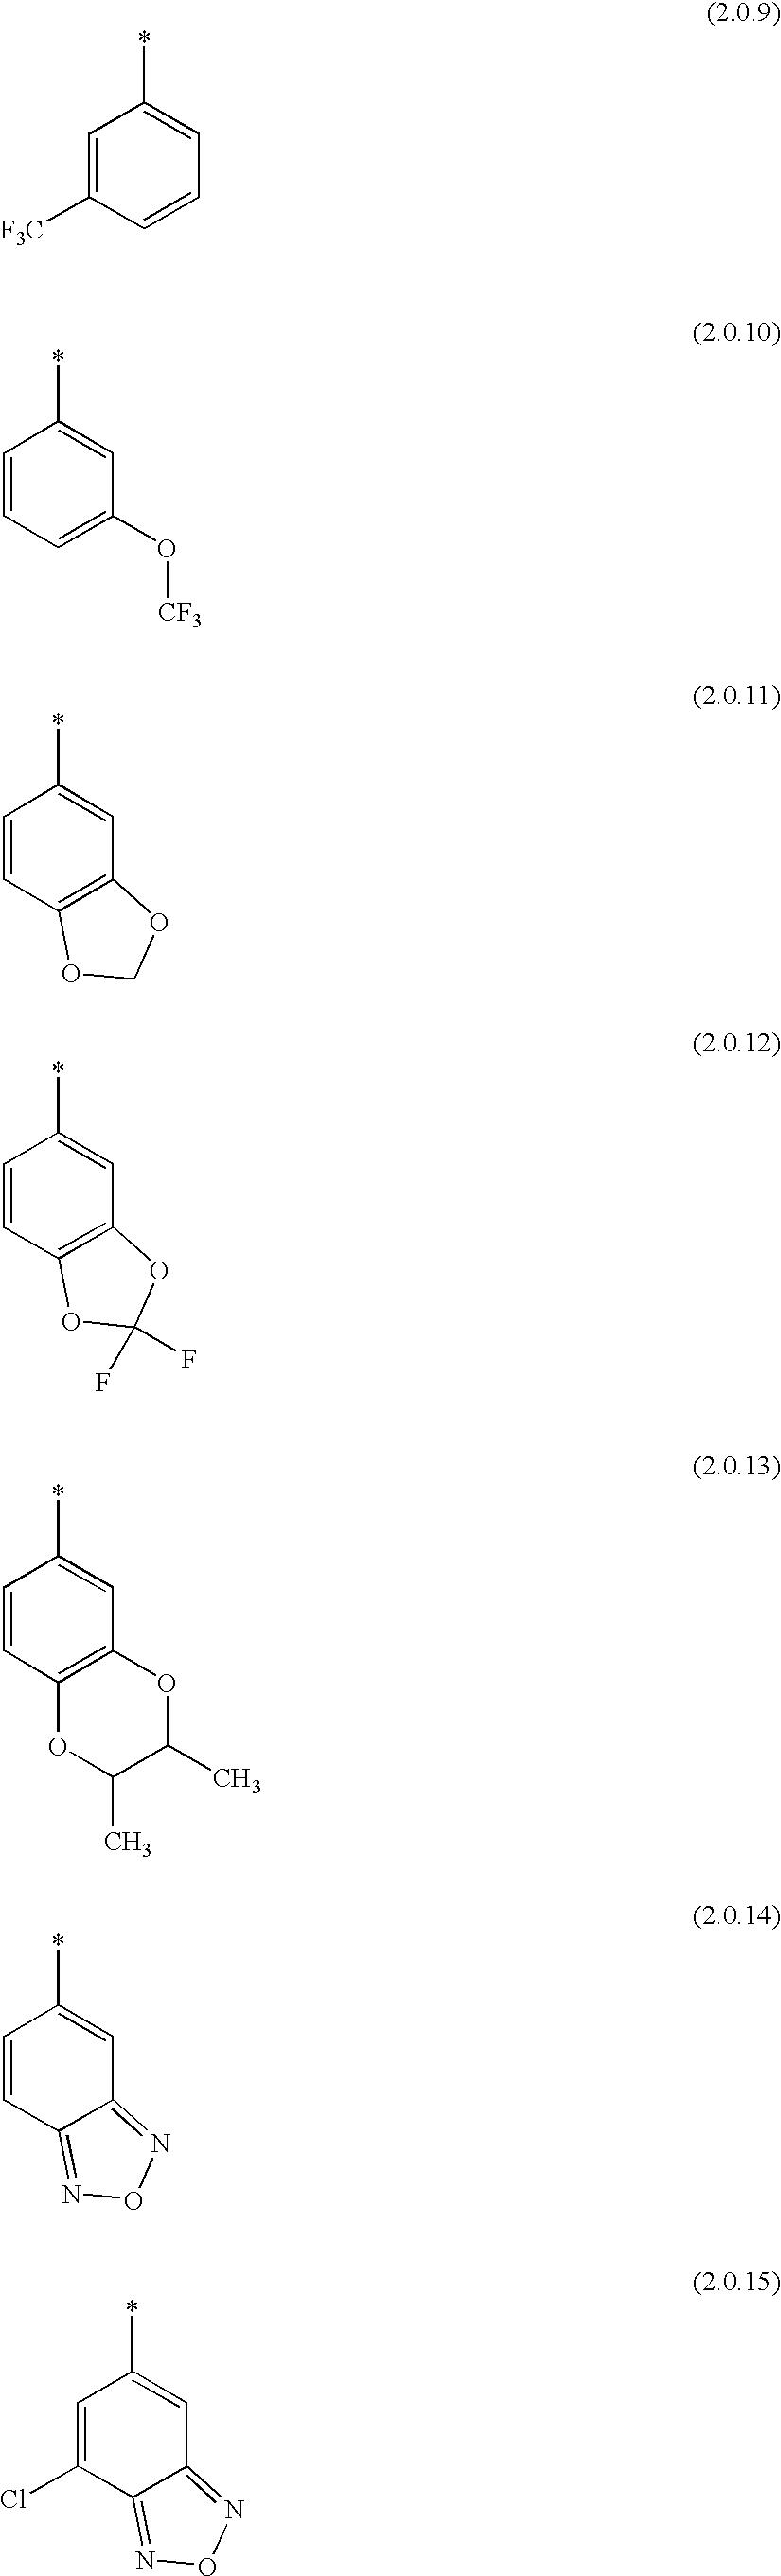 Figure US20030186974A1-20031002-C00109